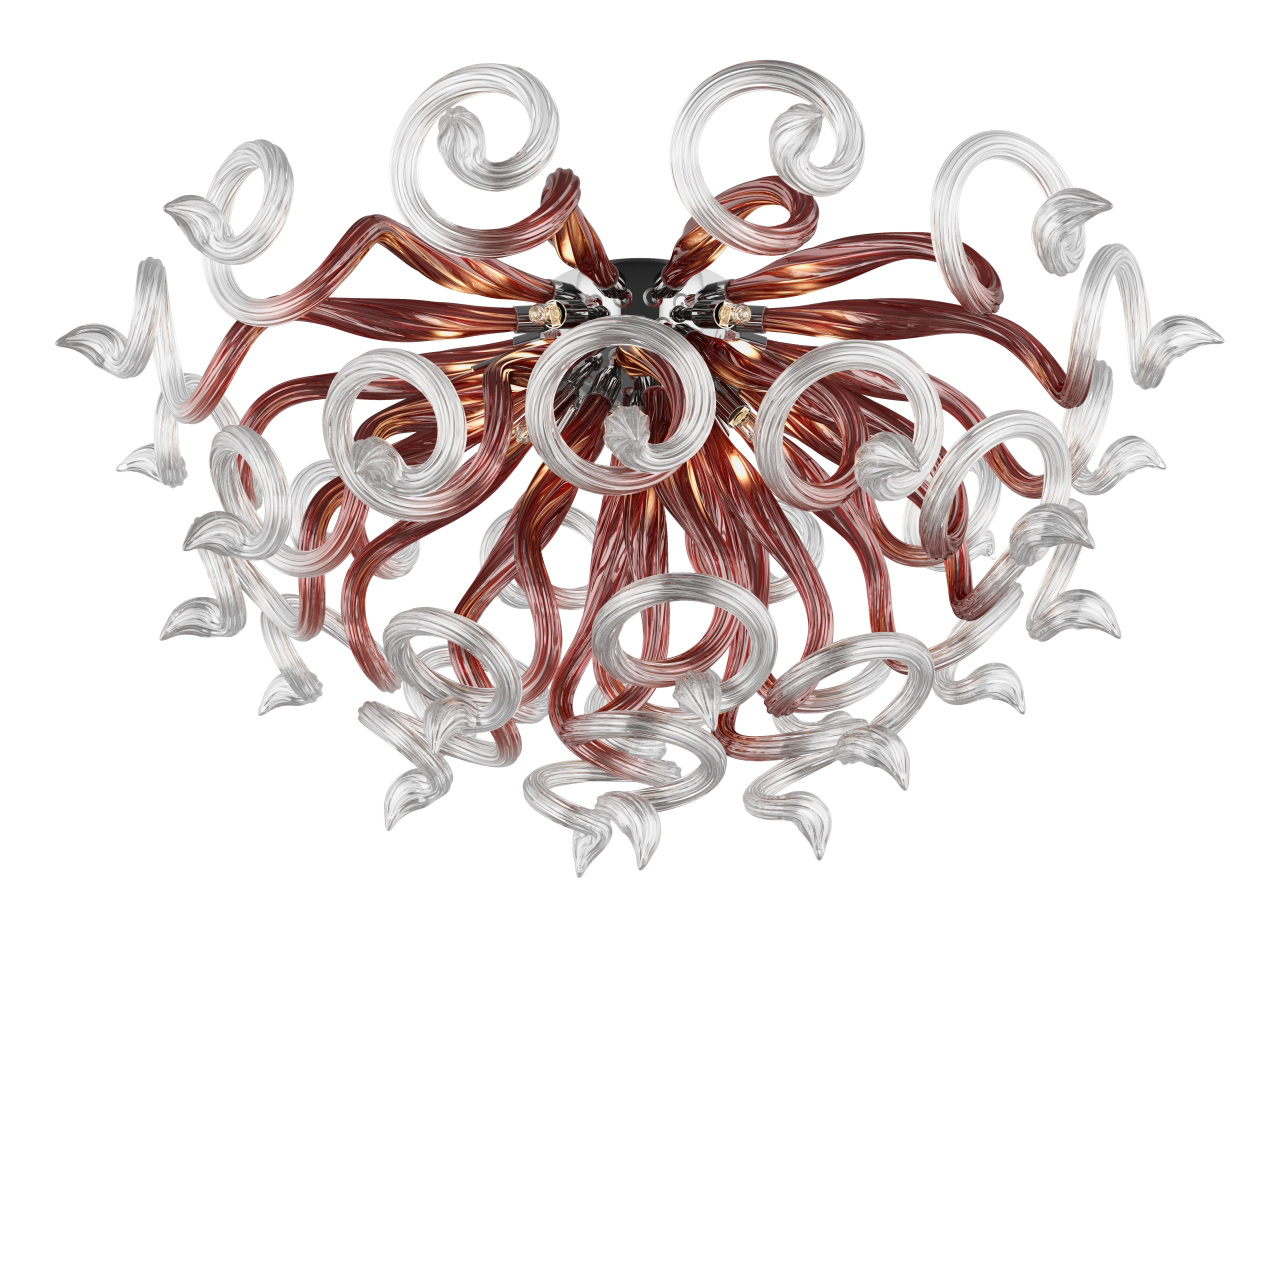 Люстра потолочная Medusa 9x40W G9 кофе прозрачный Lightstar 890098